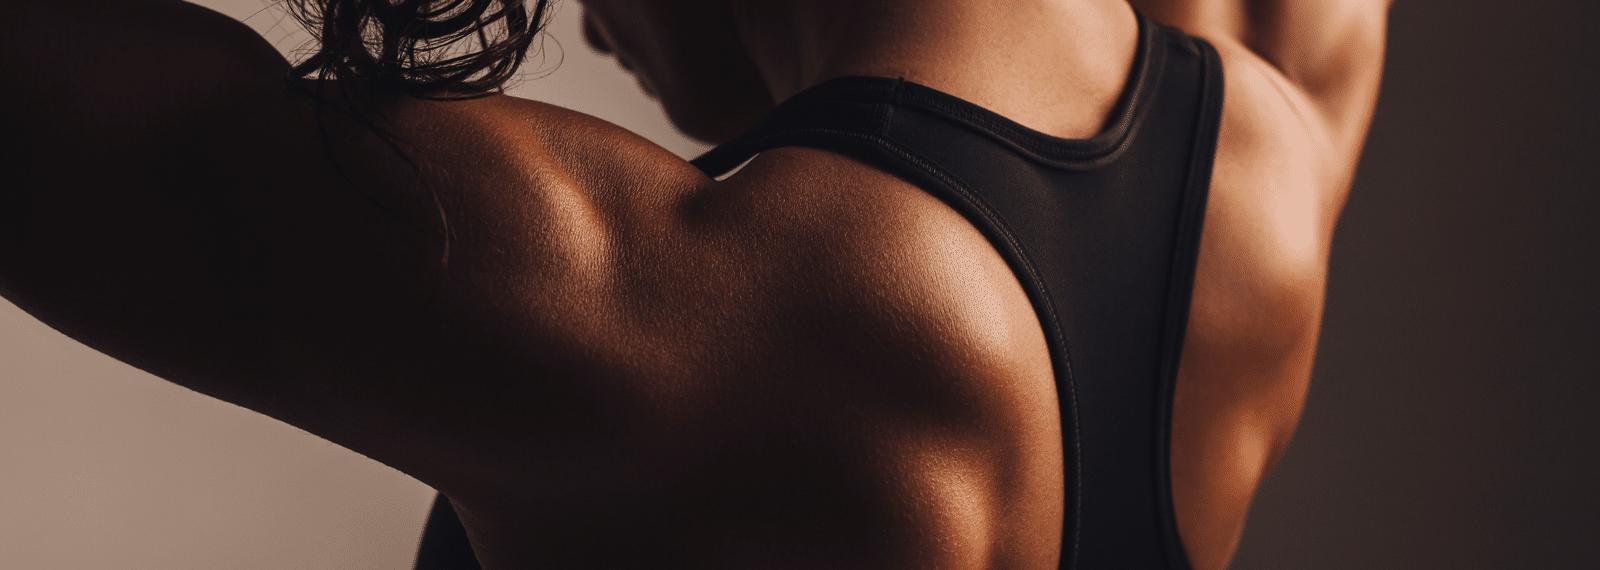 Rückenmuskulatur einer Frau